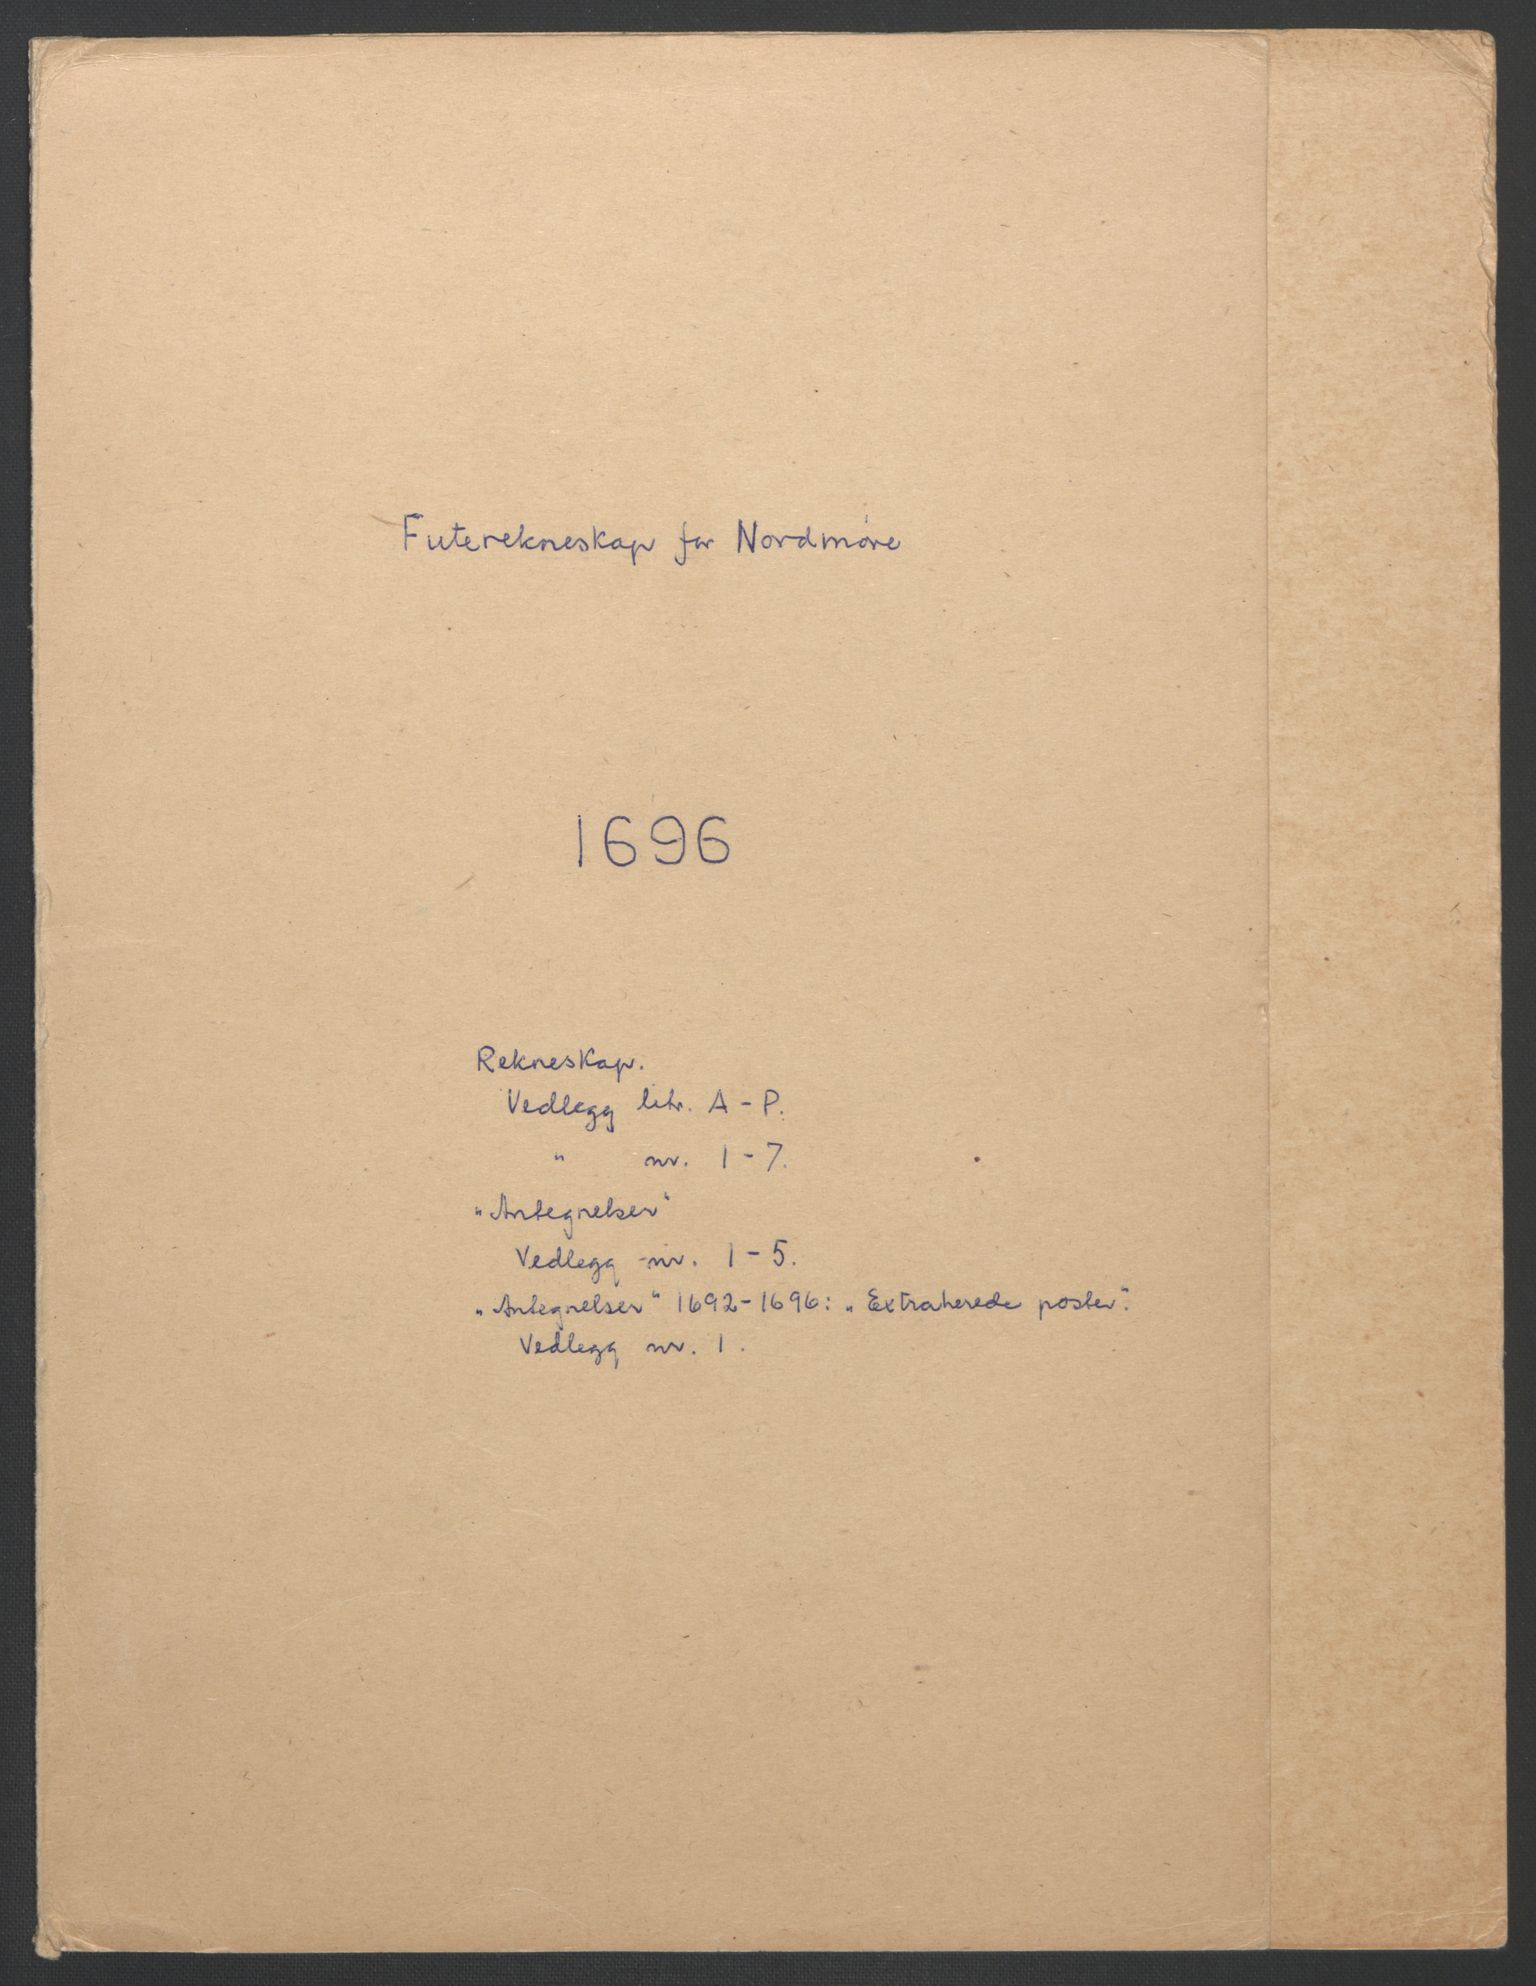 RA, Rentekammeret inntil 1814, Reviderte regnskaper, Fogderegnskap, R56/L3736: Fogderegnskap Nordmøre, 1694-1696, s. 336